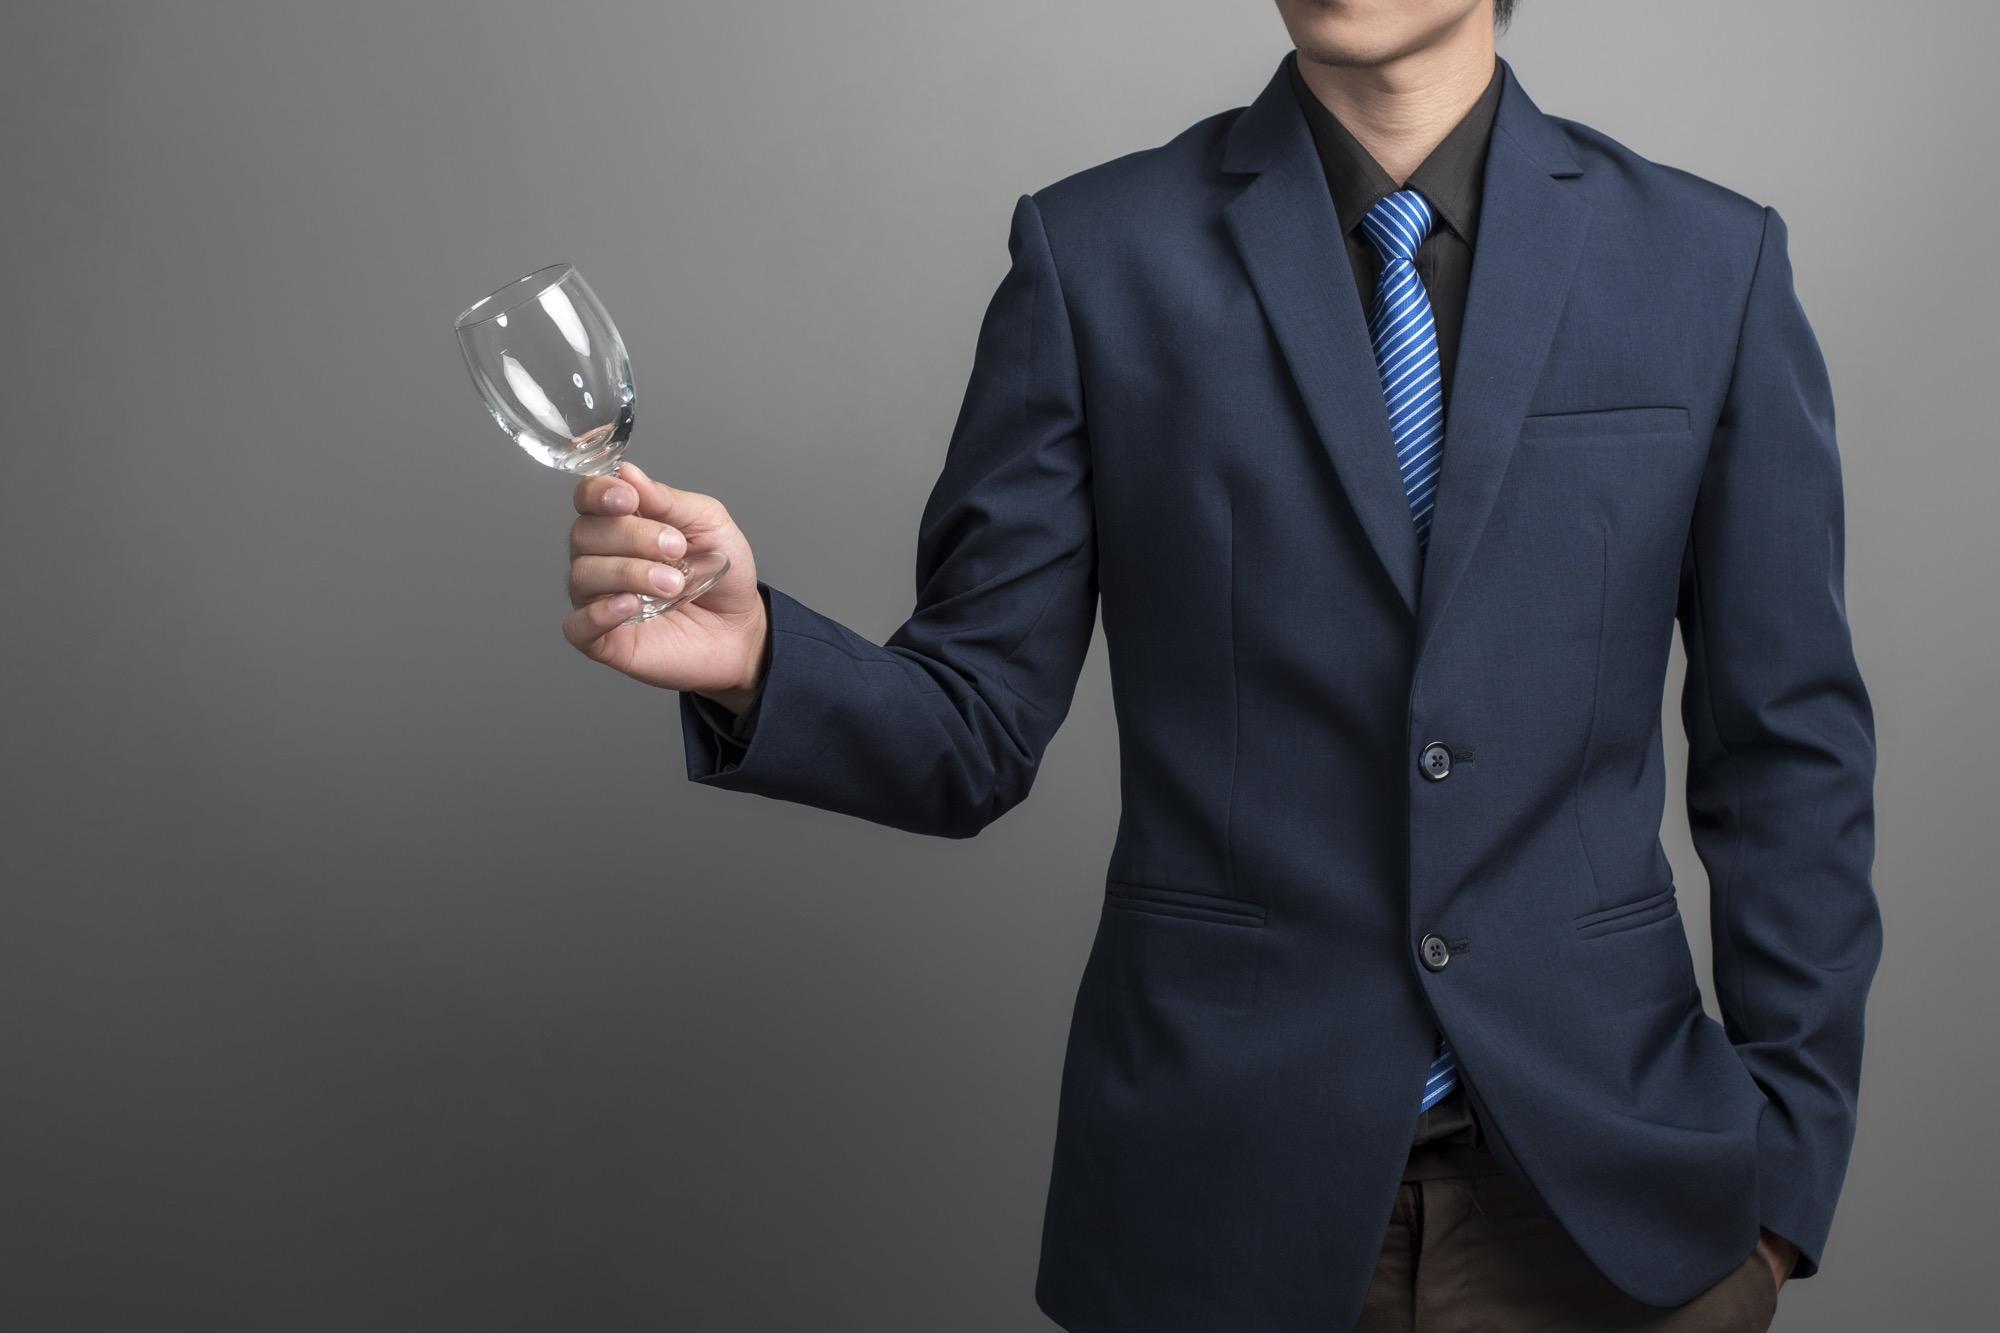 ワインを買うときは何を参考にしますか?